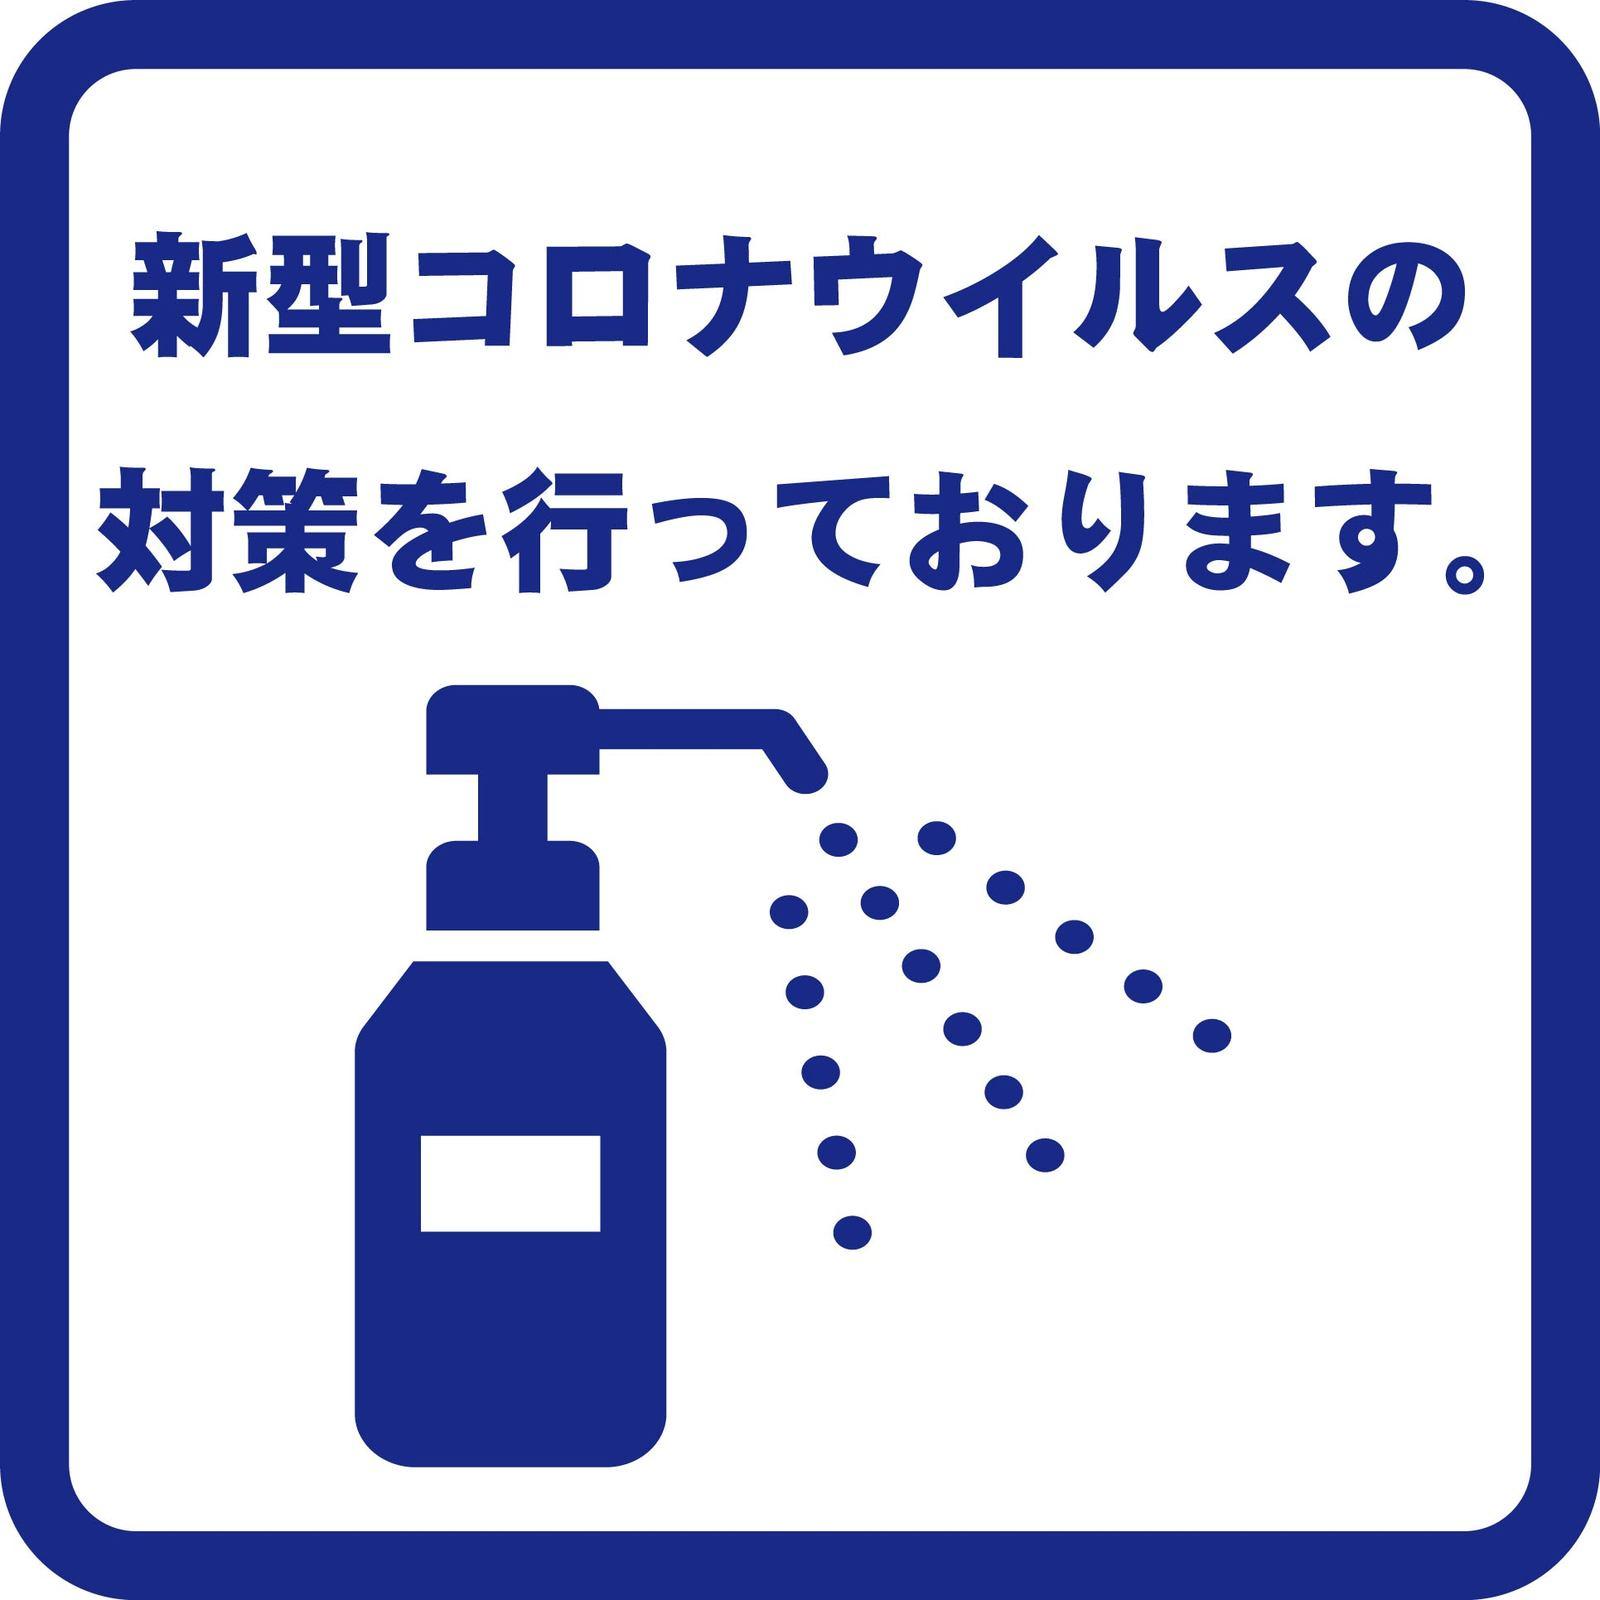 鹿児島サンロイヤルホテル ■駐車場無料だからいい値!プラン【朝食付】